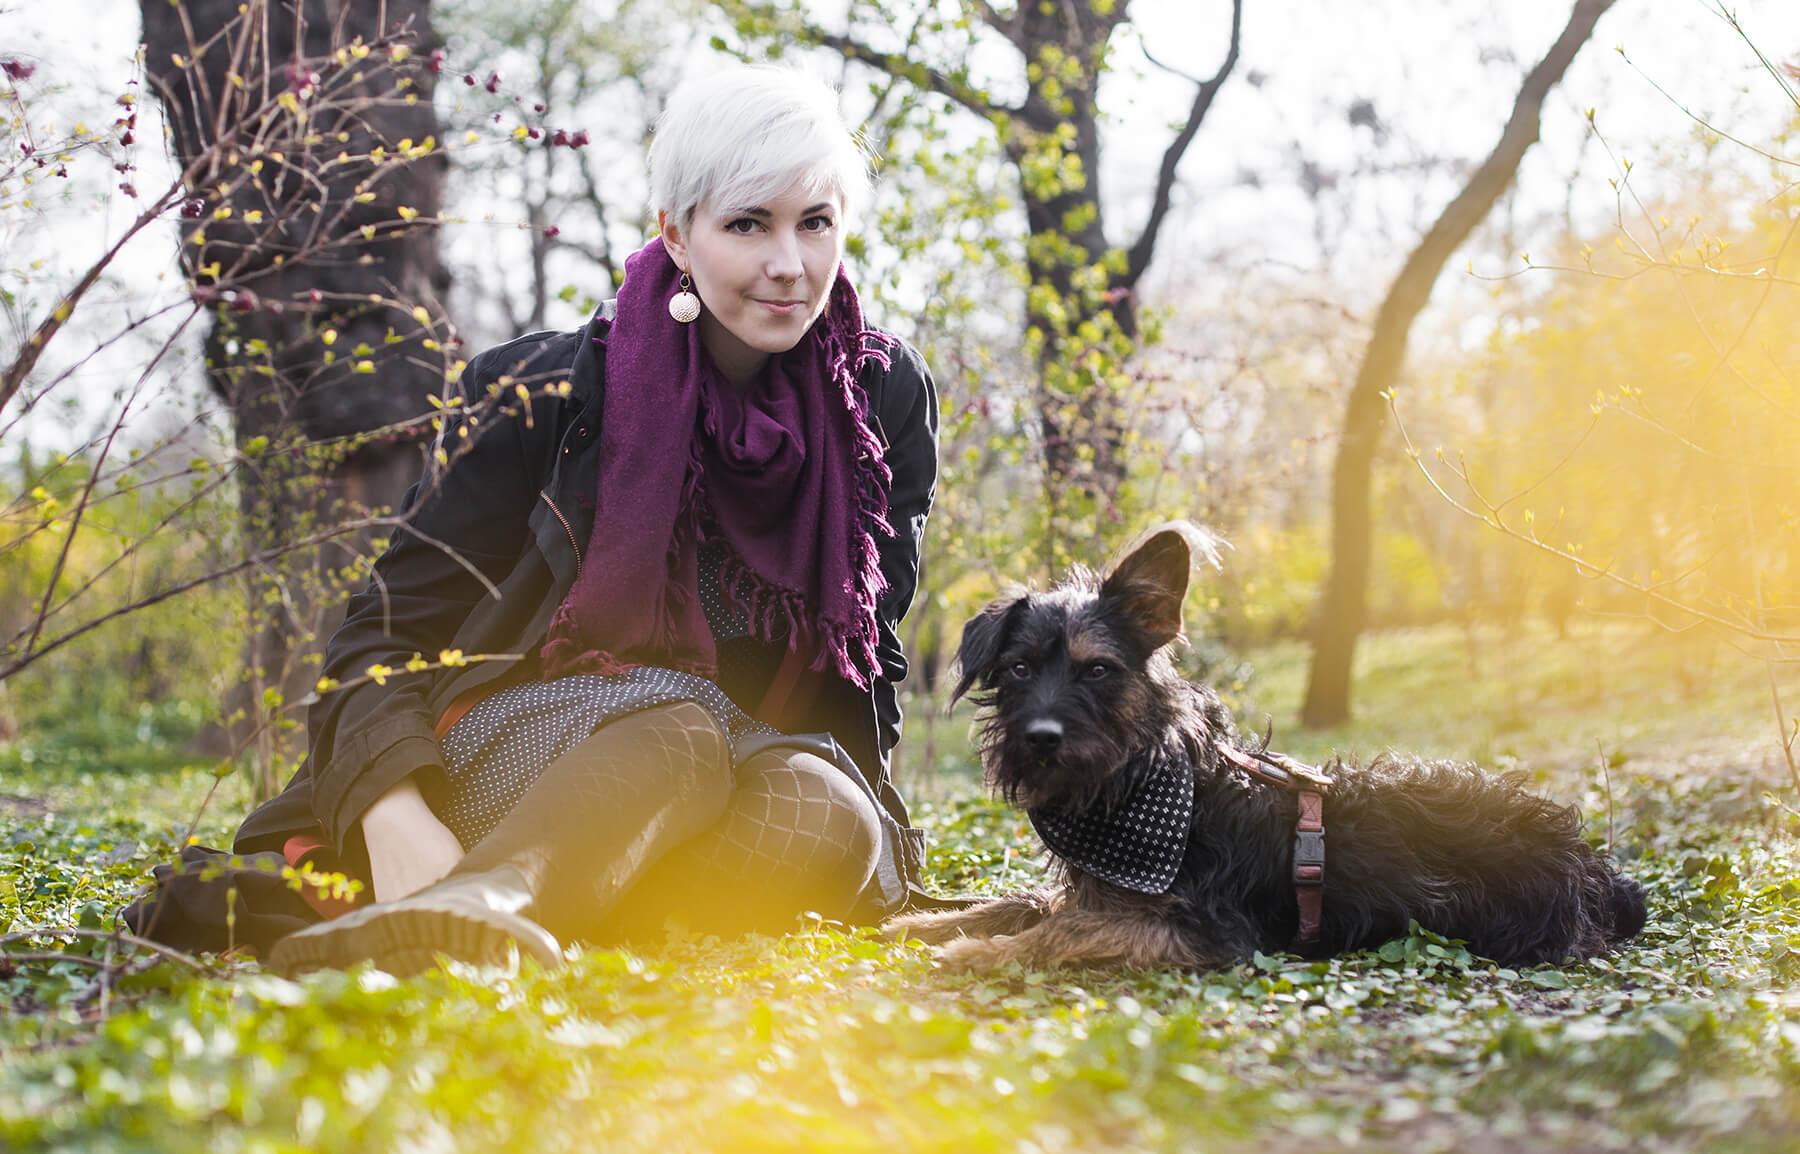 Die Stadthunde Jaqueline Scheiber Minusgold Schriftstellerin Portrait Jolly Schwarz Photography Alexandra Stalzer Grafikdesign Wien Hunde Stadt